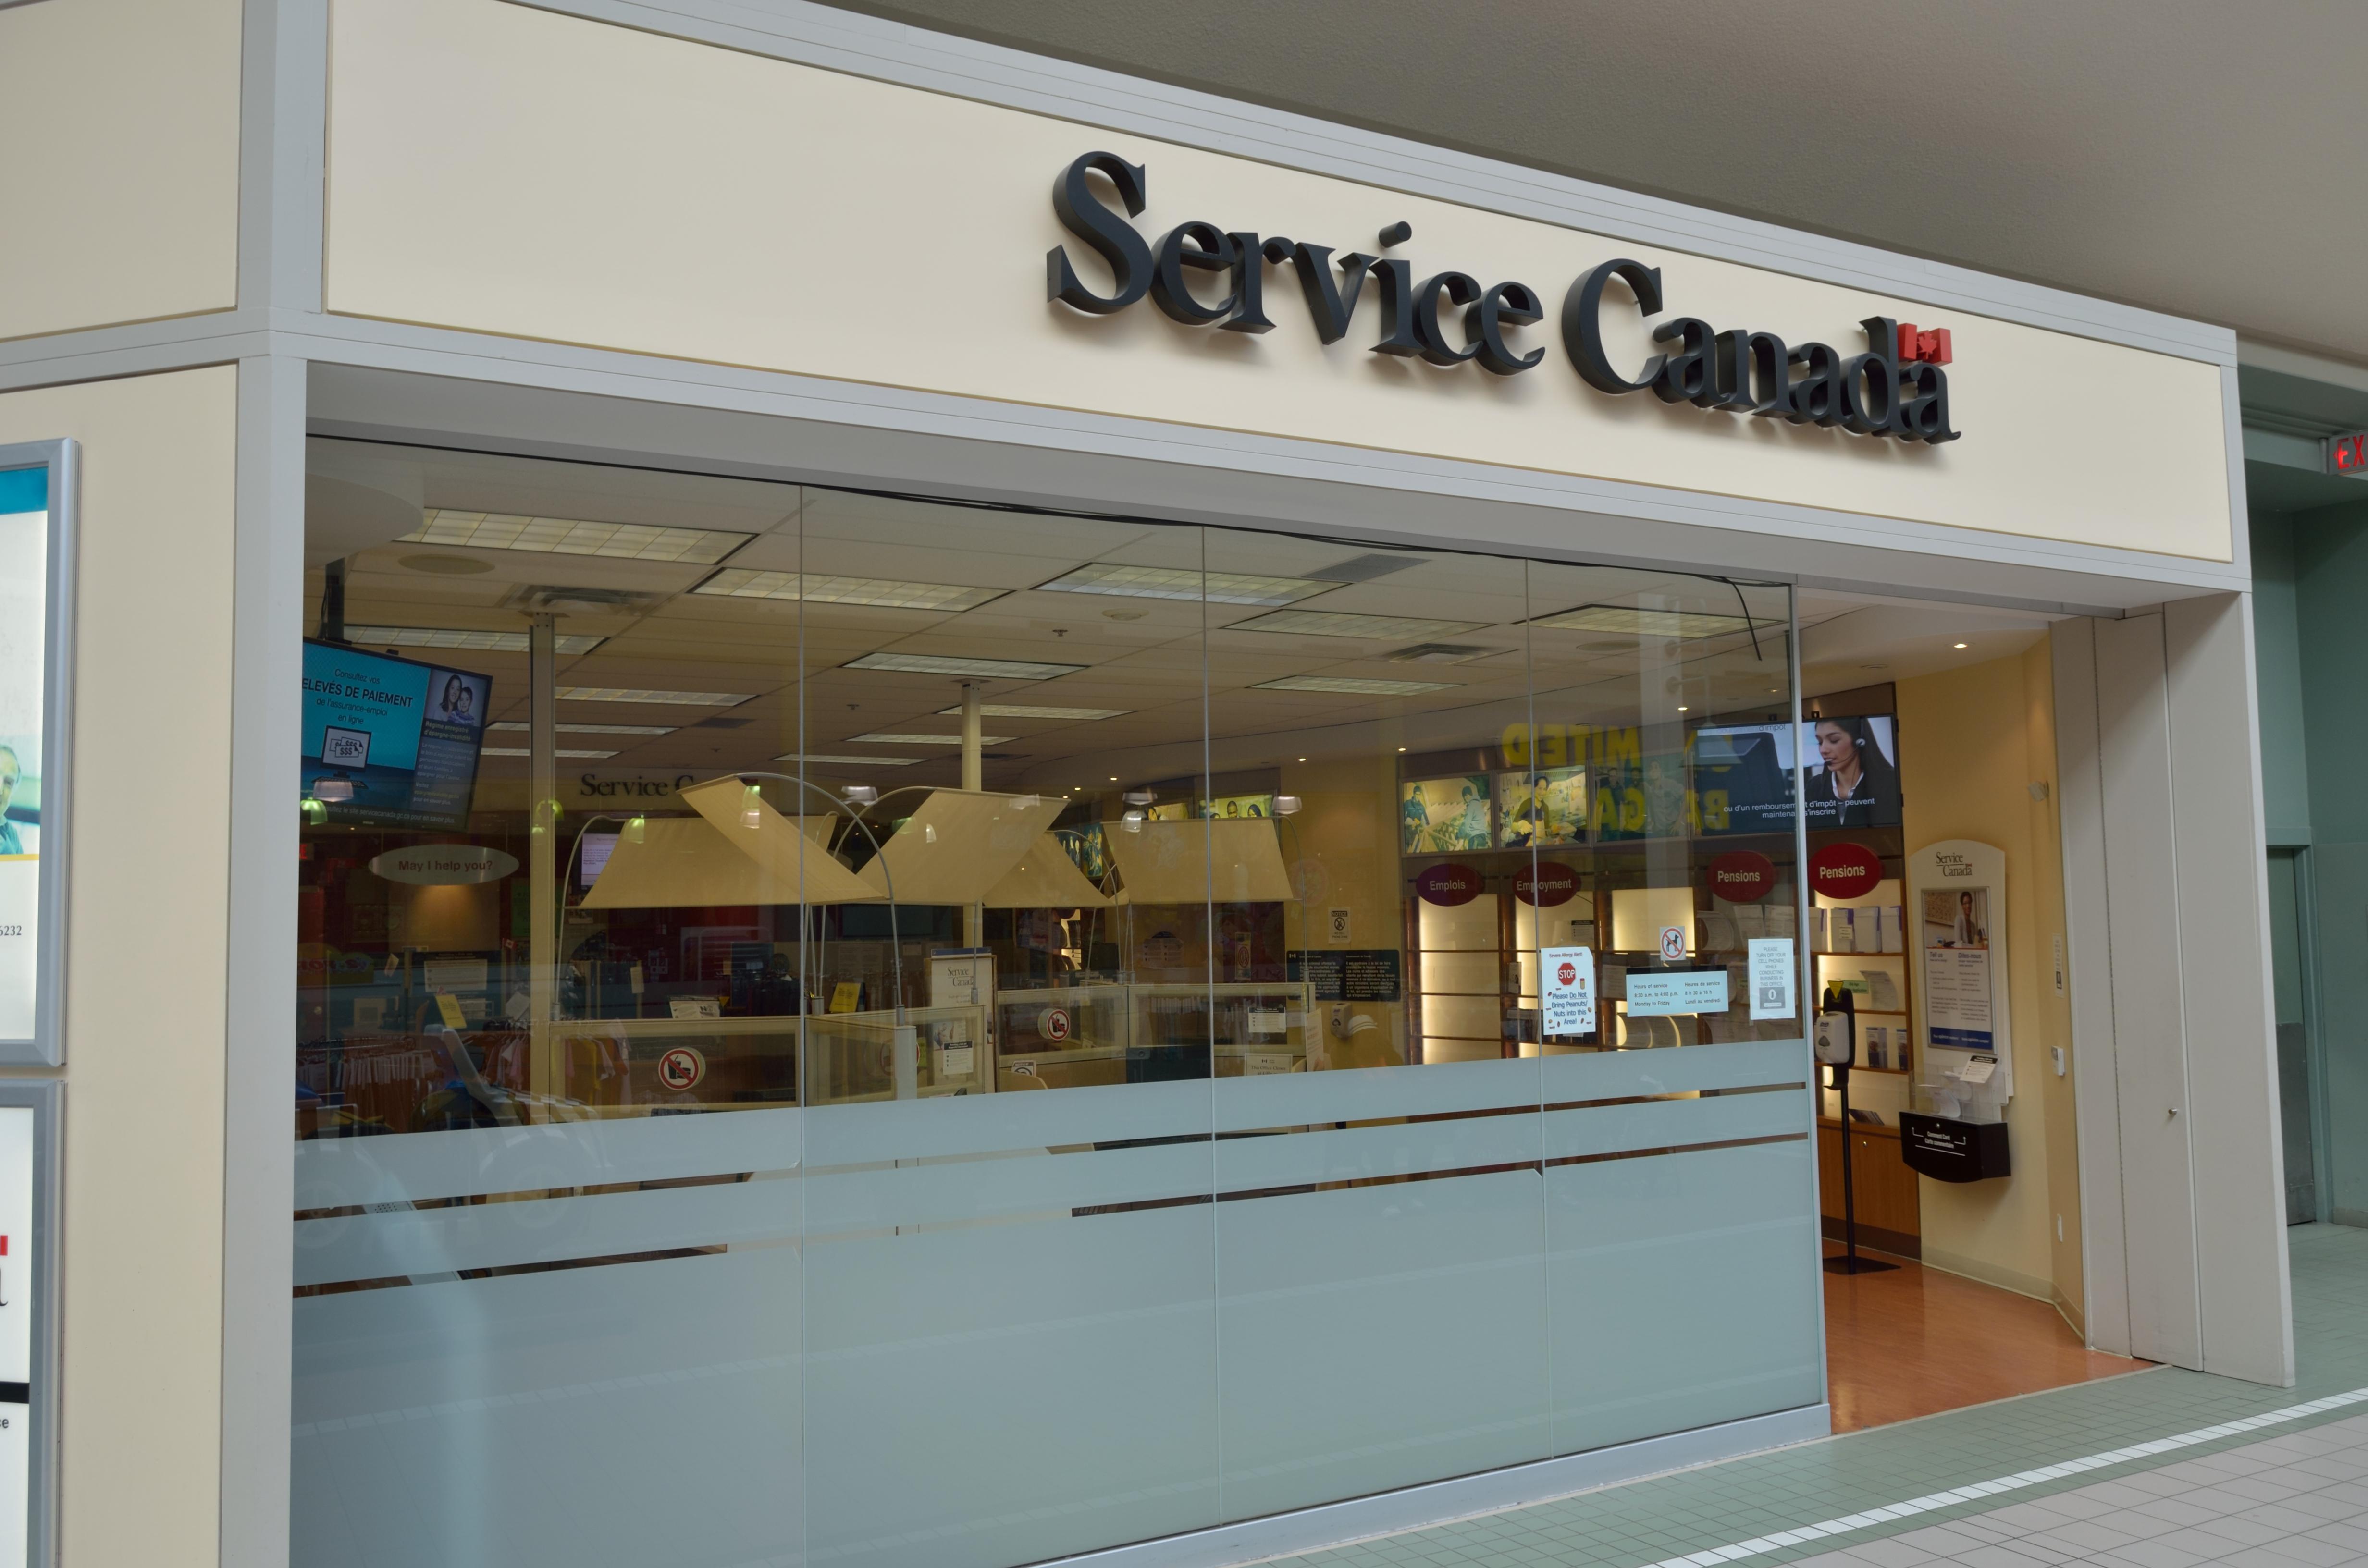 Service Canada Wikipedia